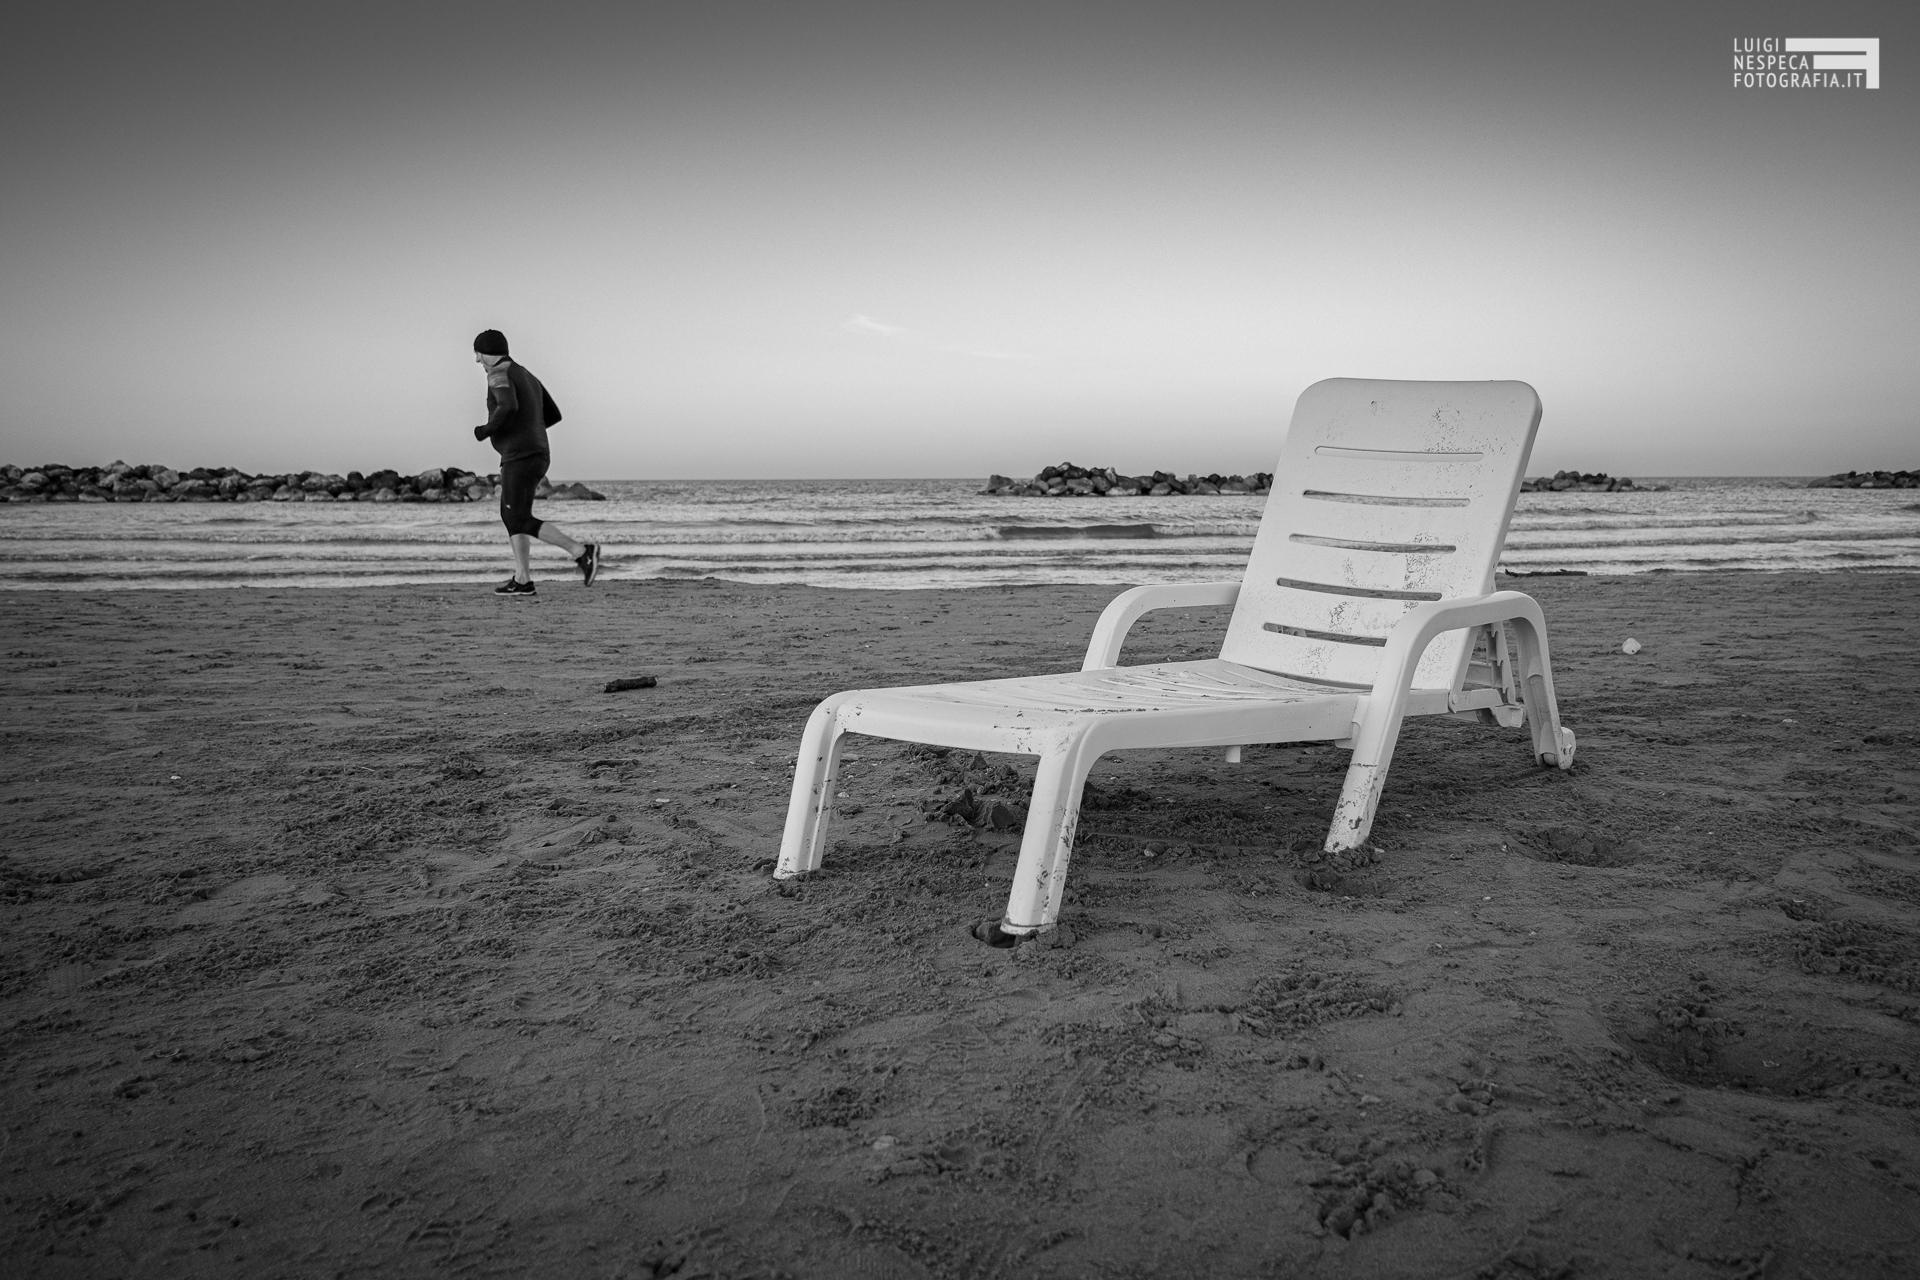 La spiaggia di Francavilla al Mare: un runner